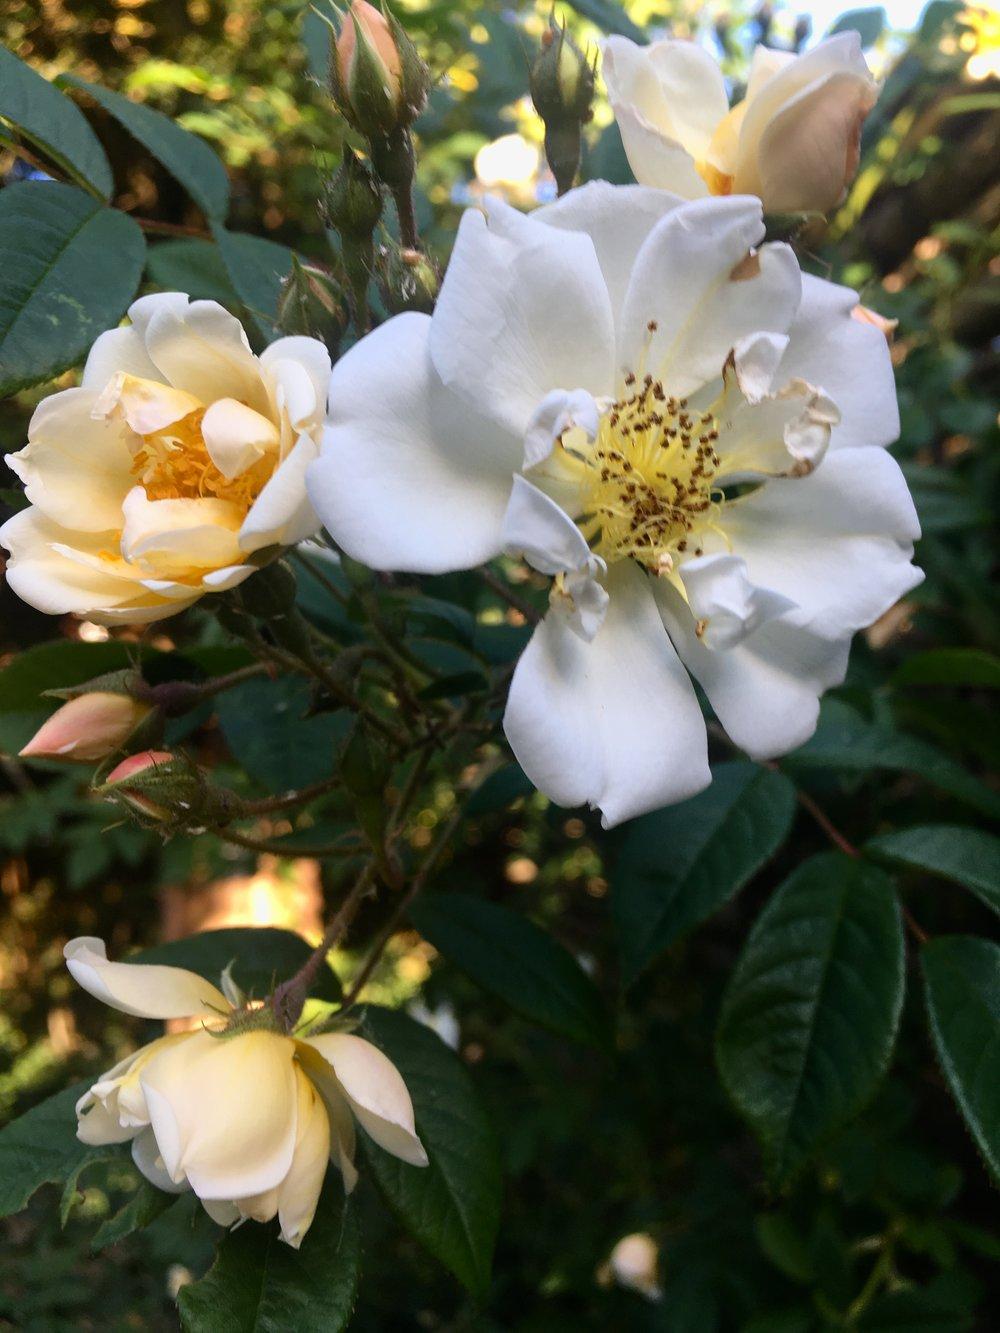 Lykkefund_closeup.jpg